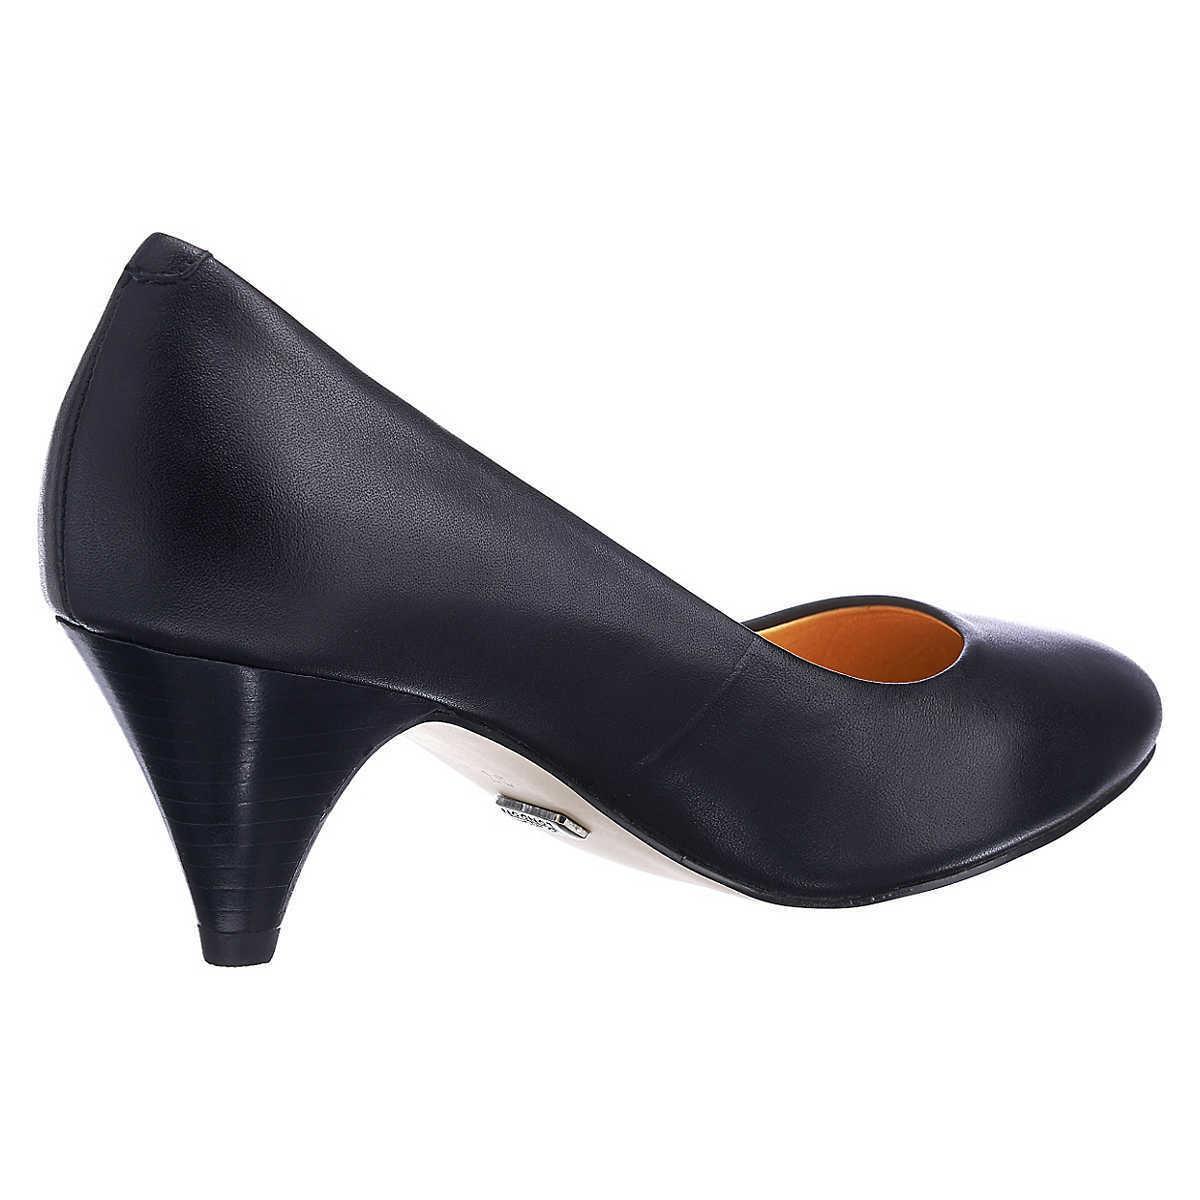 Buffalo londres señora zapatos zapatos señora zapatos señora pumps, negro, talla 37 ea51df